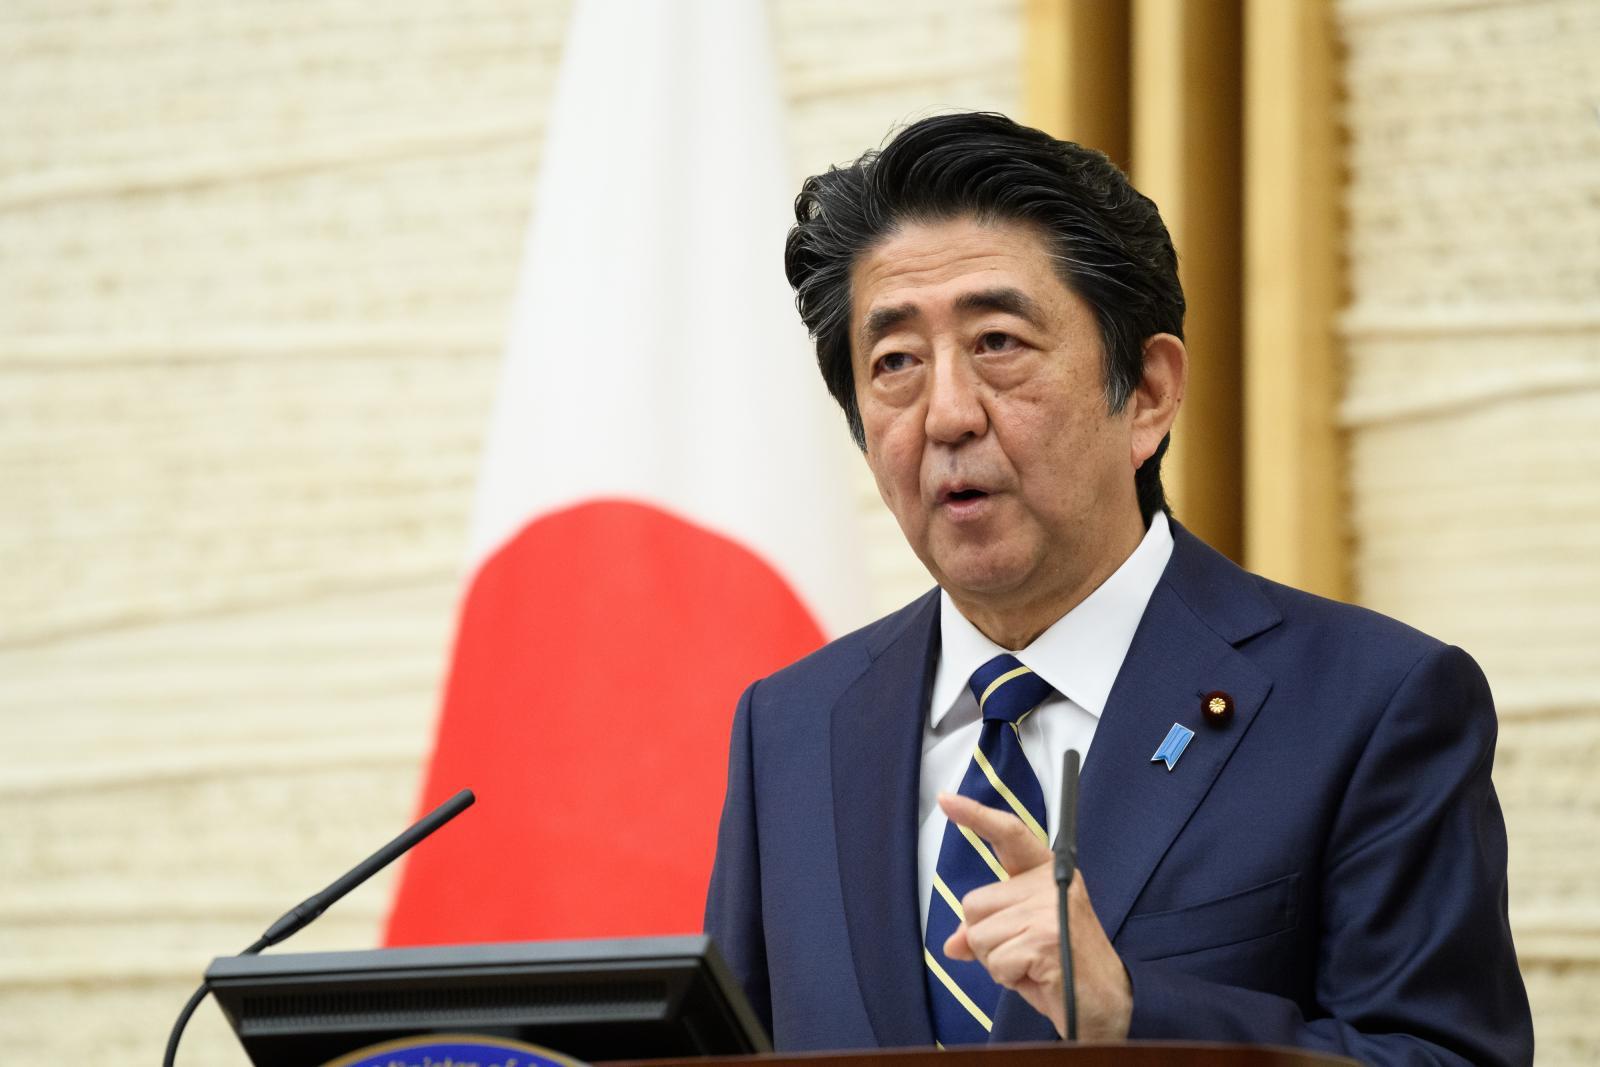 ญี่ปุ่นยกเลิกสถานการณ์ฉุกเฉินโควิด-19 เว้นโตเกียว-เขตเมือง